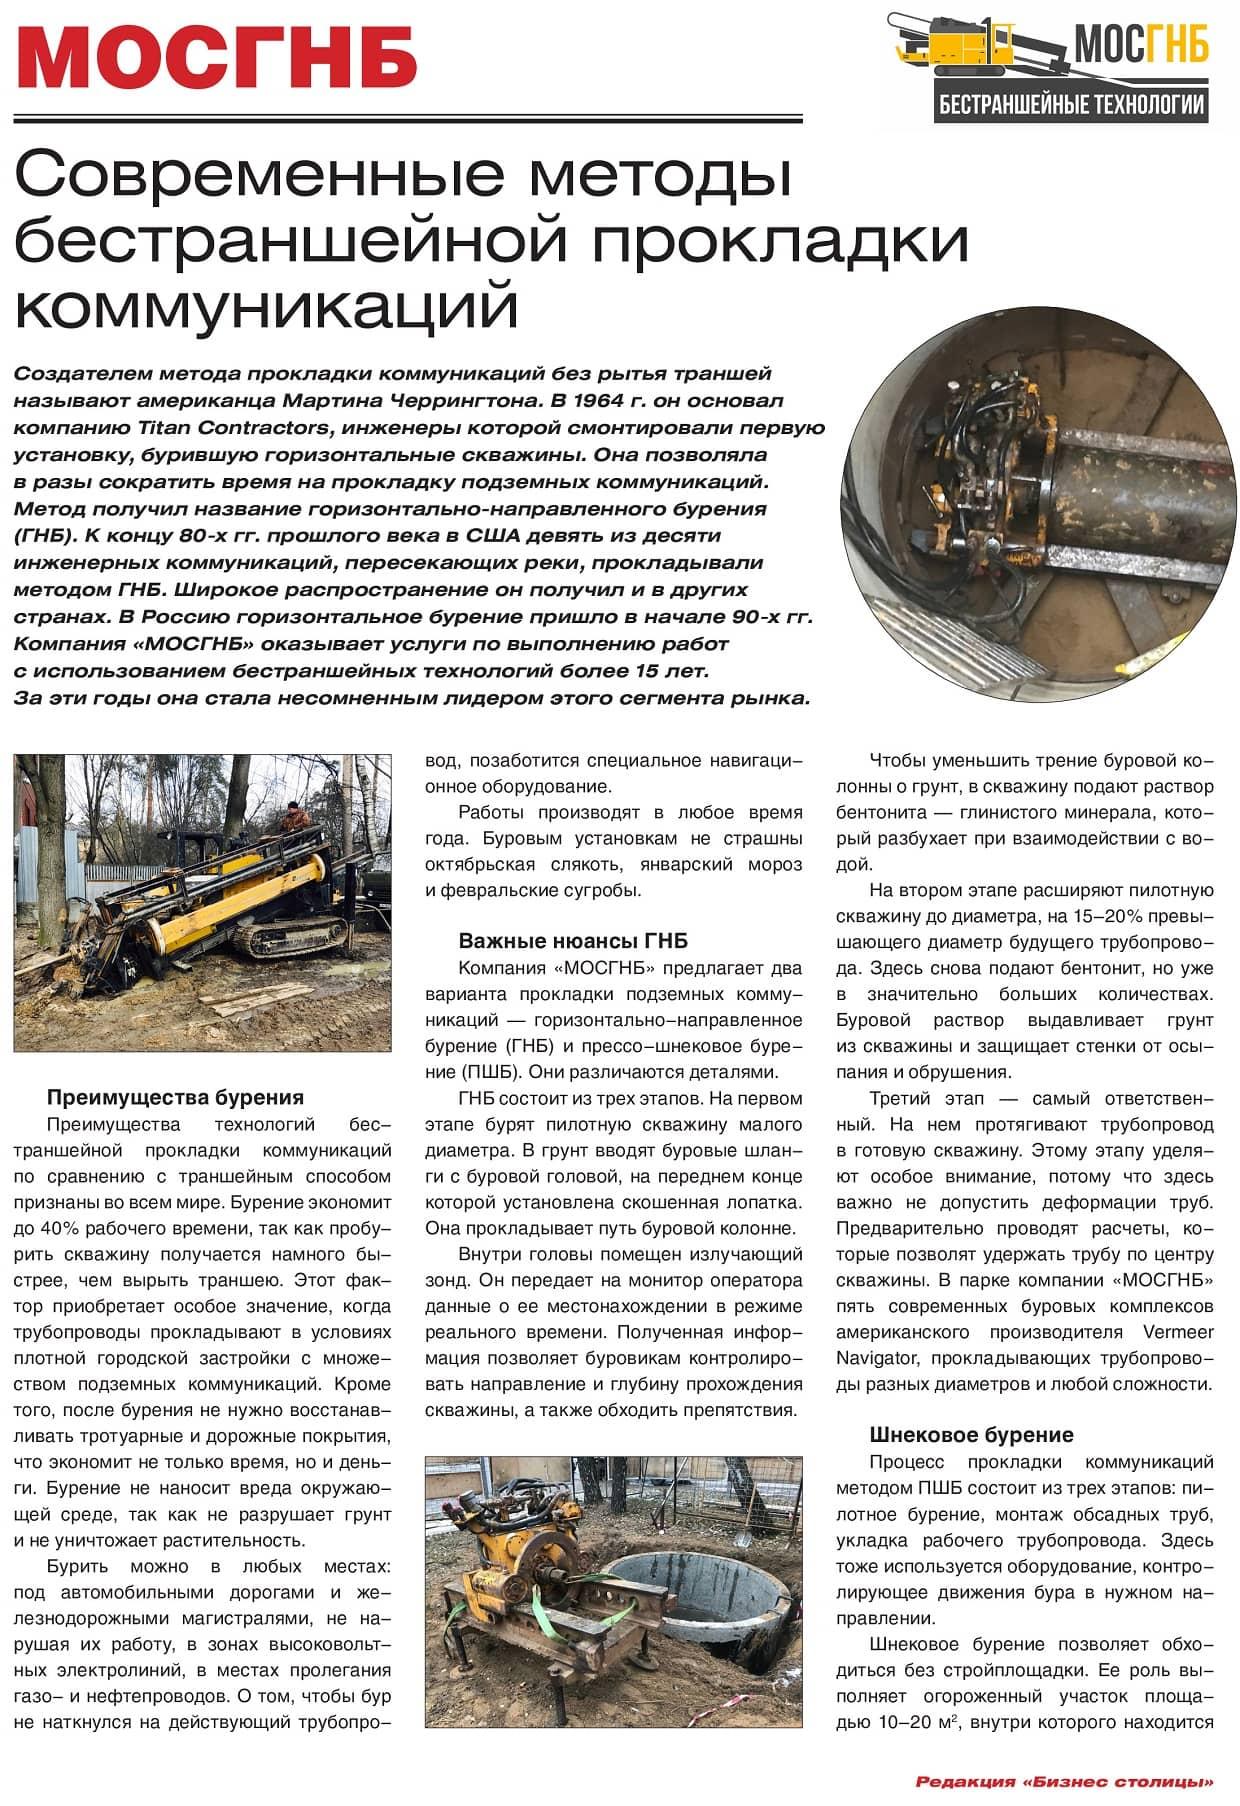 Бестраншейная прокладка водопровода: подготовка и варианты работ